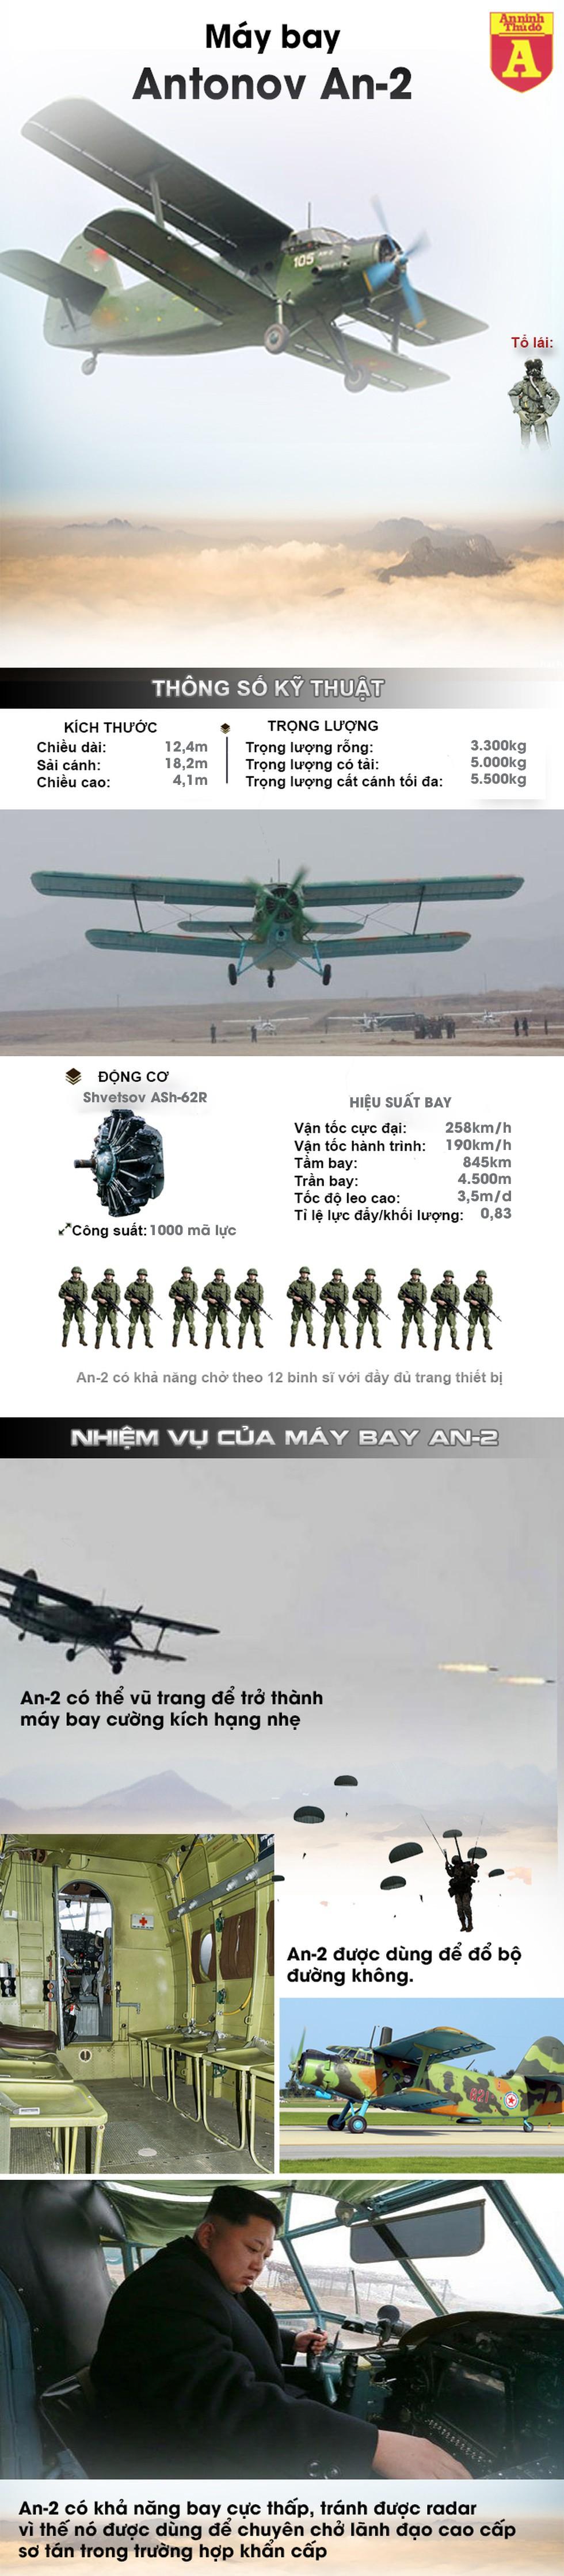 """[Infographic] Đây chính là lý do Triều Tiên cho """"lão tướng"""" An-2 đóng giả chiến thần F-15K - Ảnh 1"""